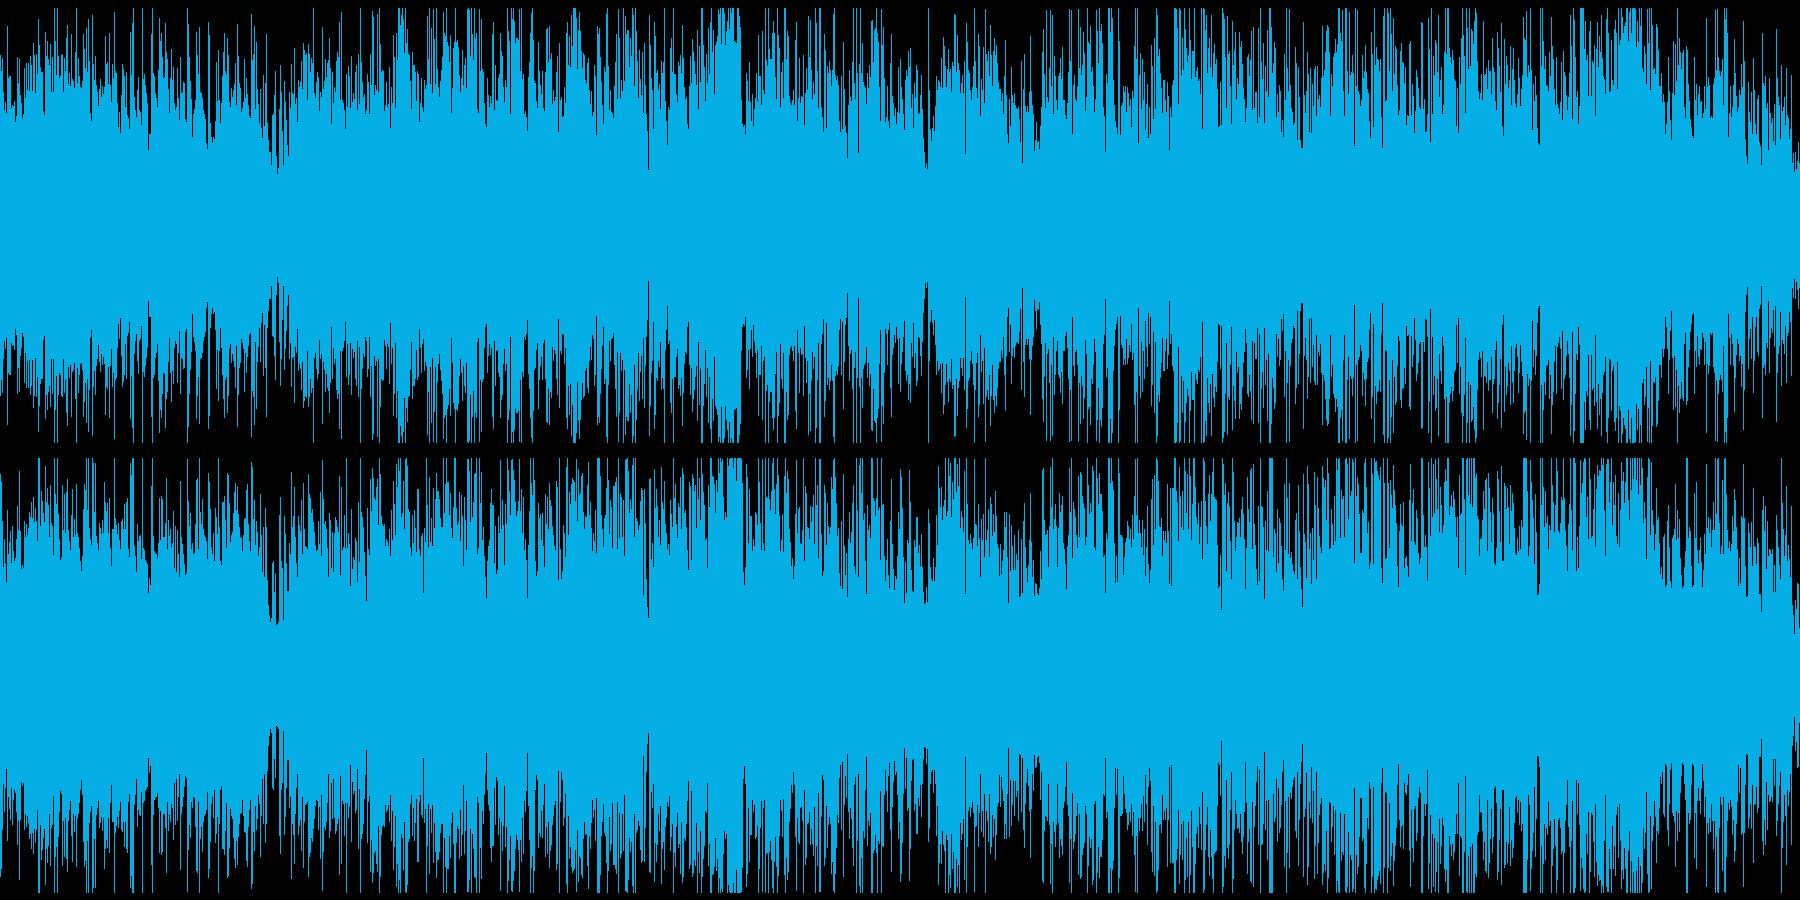 アップテンポなインテリ系ボッサ※ループ版の再生済みの波形